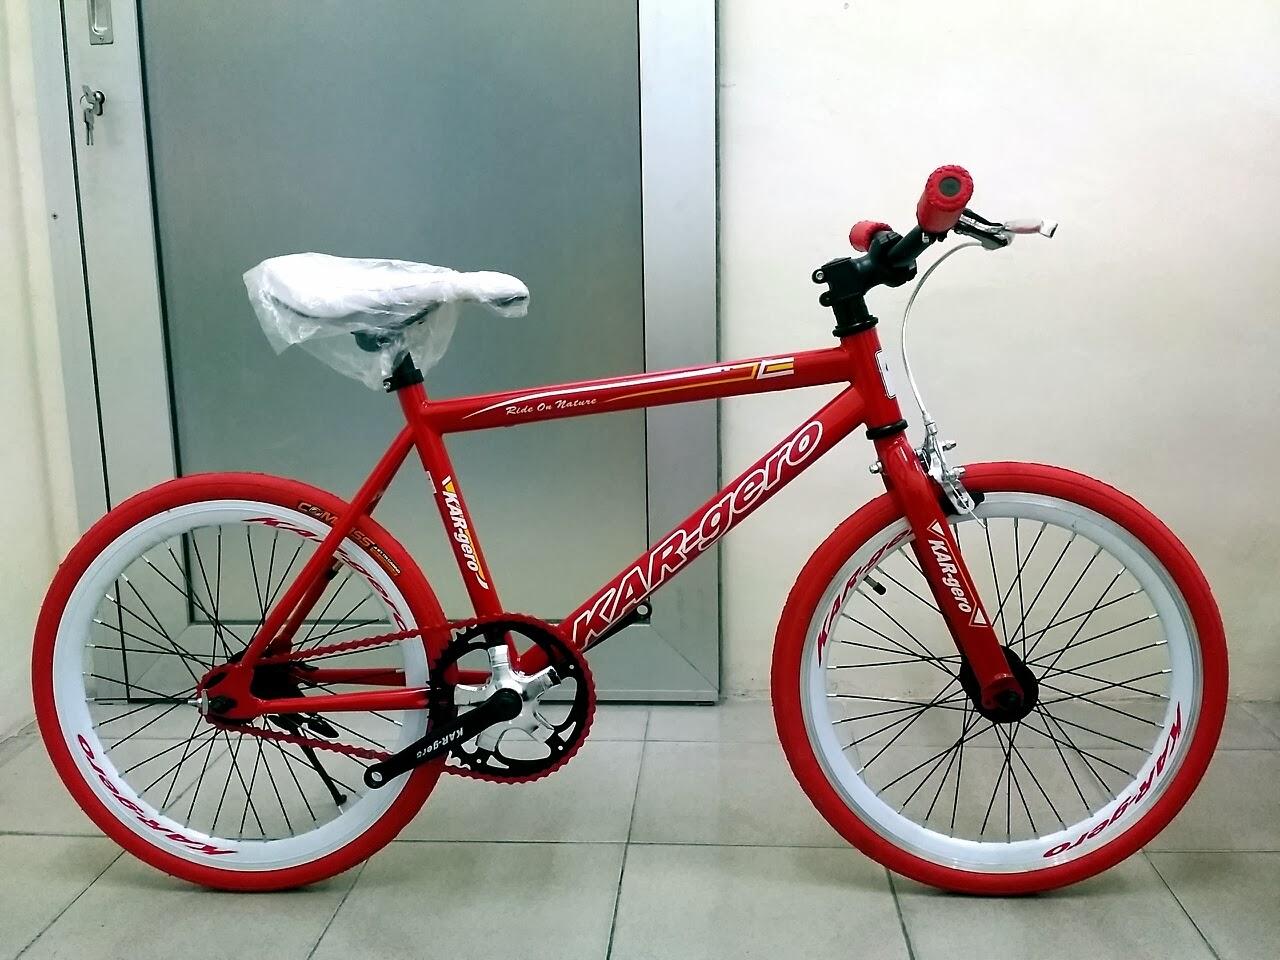 CHOO HO LEONG (CHL) Bicycle: Mini Fixie Bike Kargero